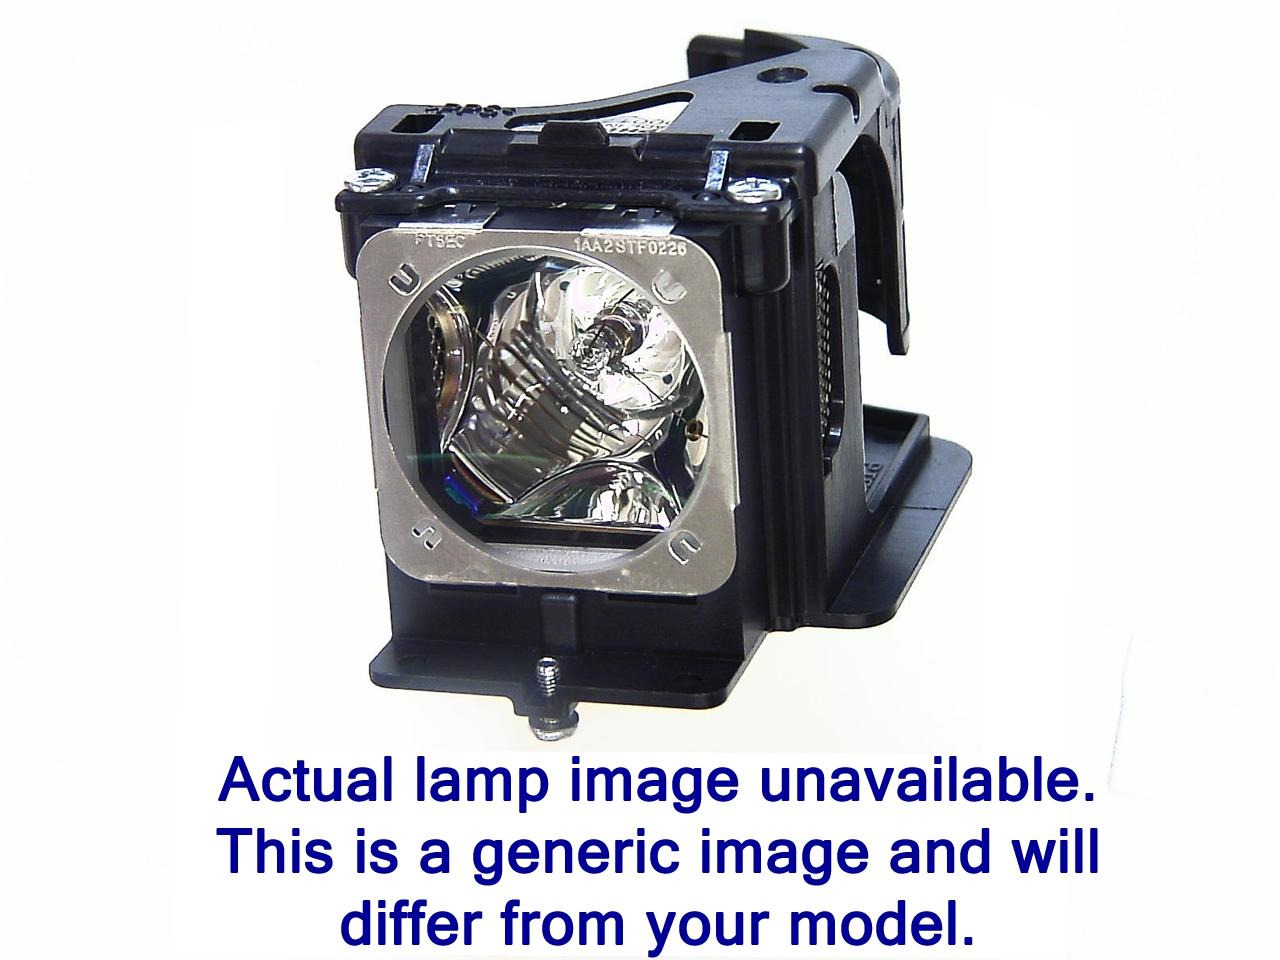 Lámpara UTAX DXL 5021